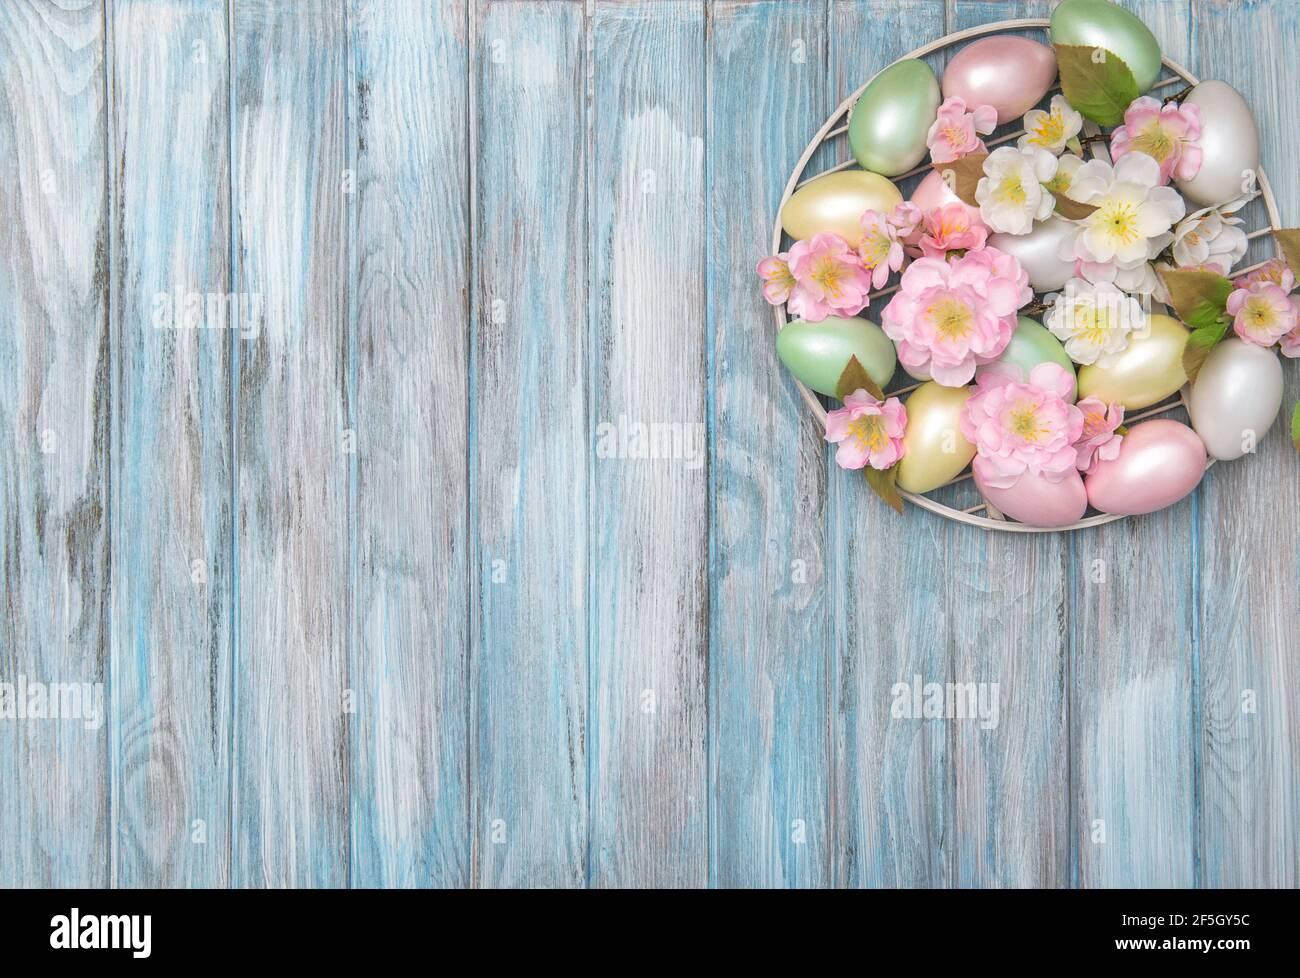 Œufs de Pâques avec décoration florale sur fond bleu en bois Banque D'Images